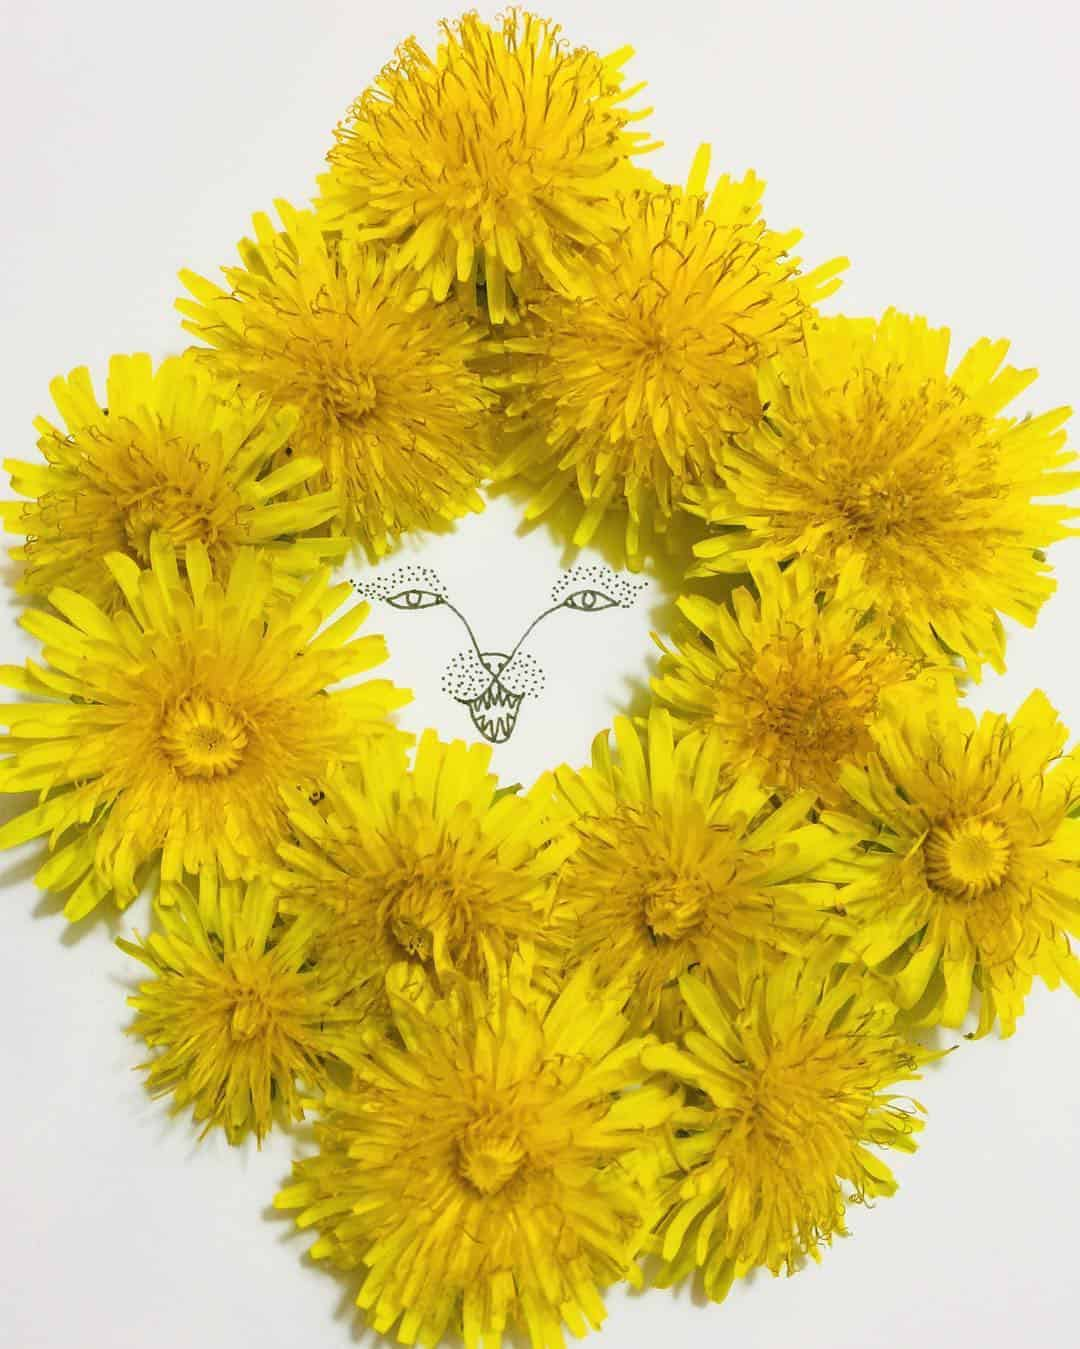 melissa flesher flower drawing 11